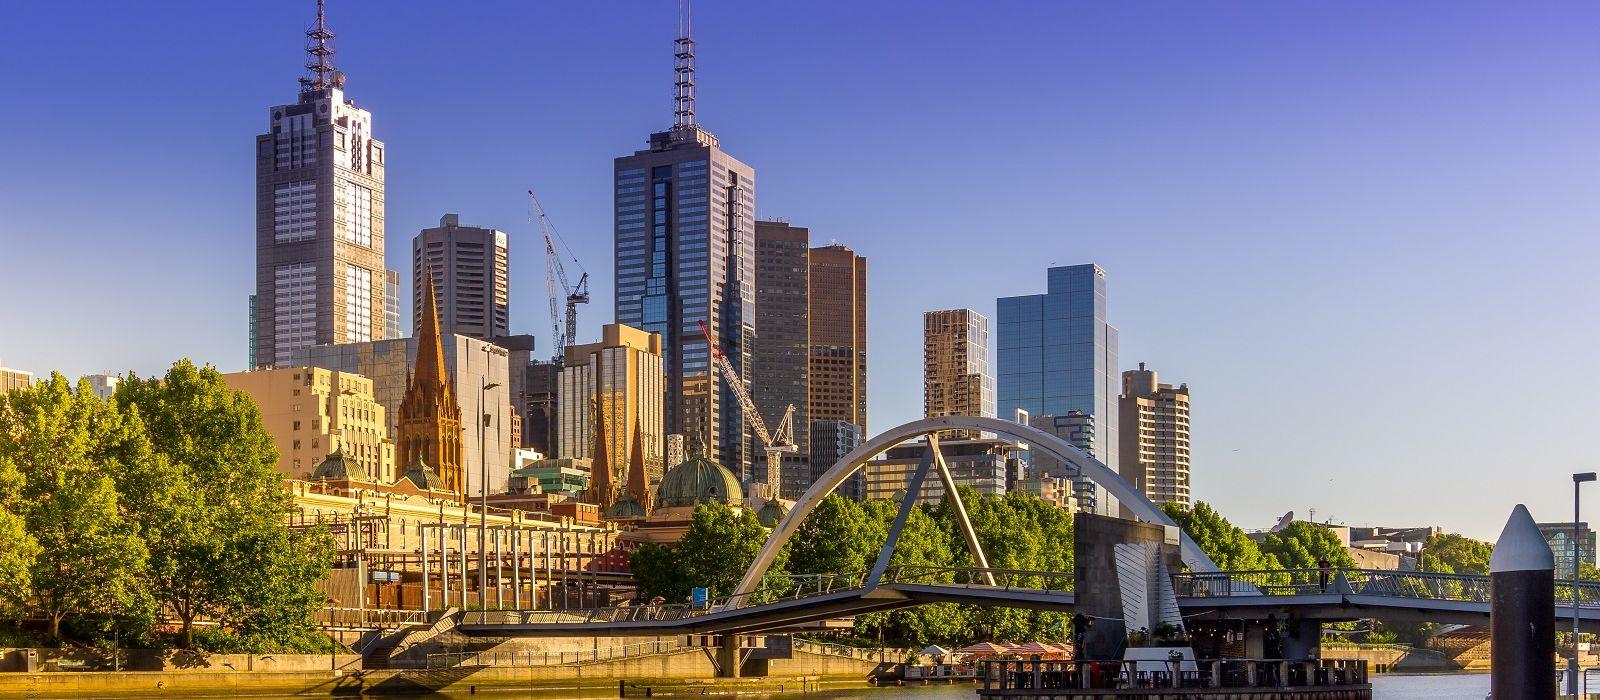 Australien Luxusreise: Natur, Kultur & paradiesische Inseln Urlaub 2